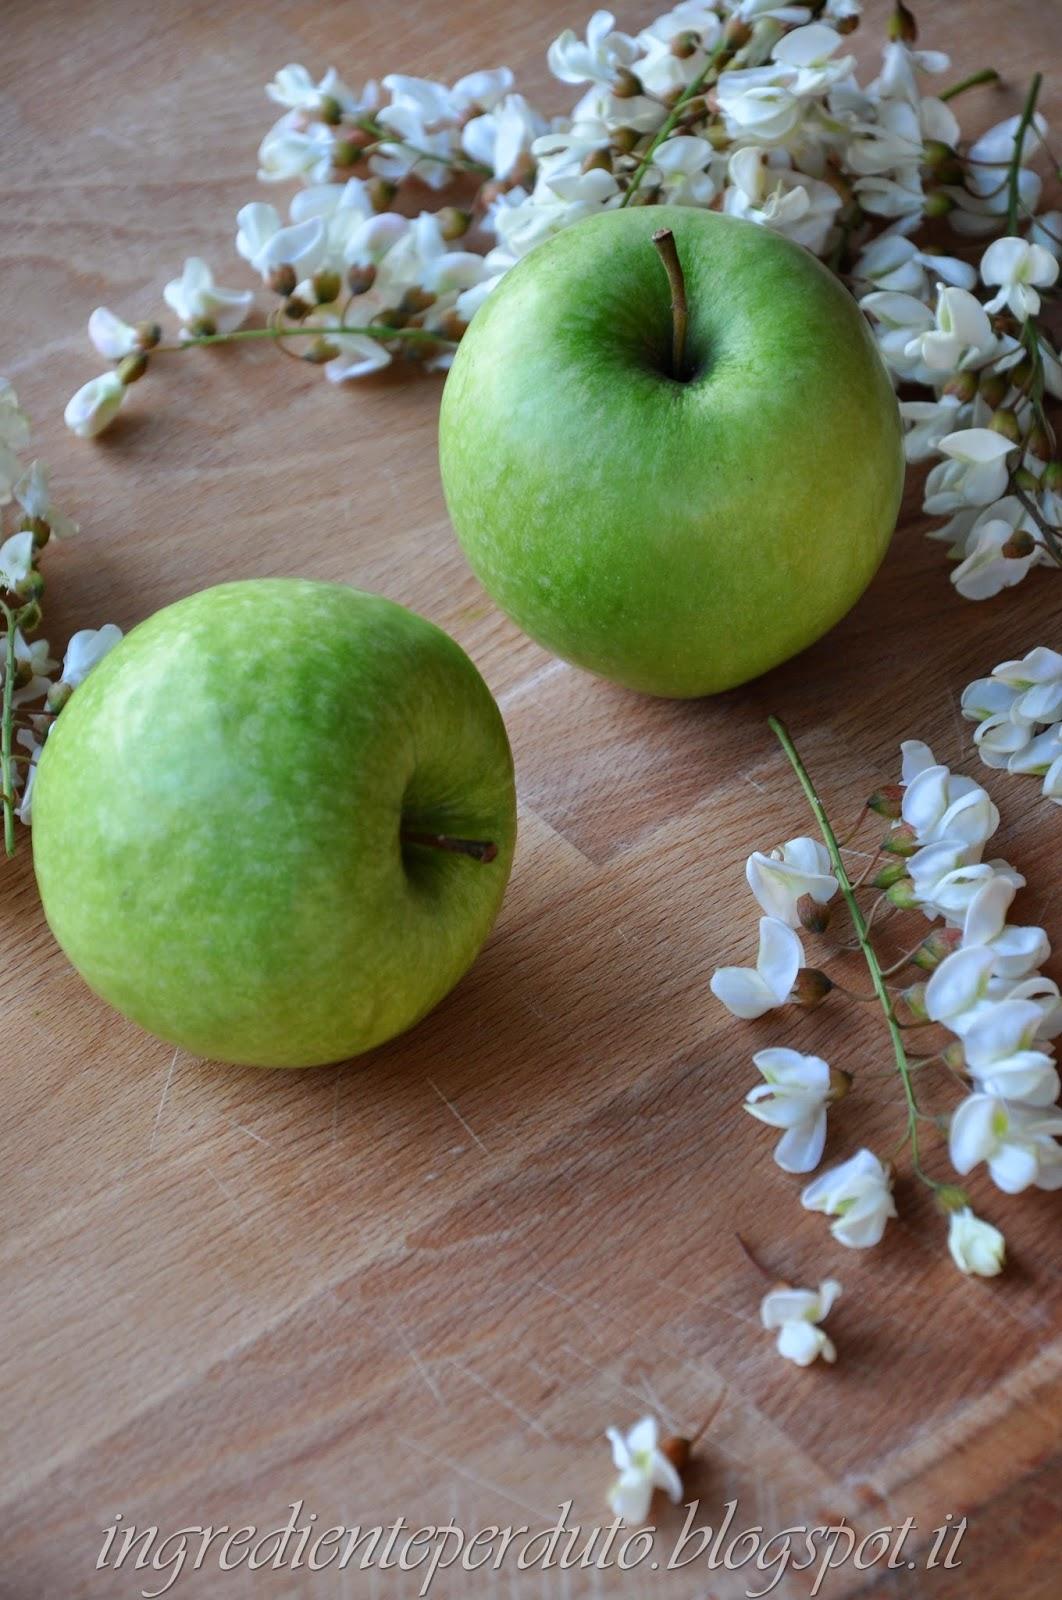 gelée di mele ai fiori d'acacia secondo il metodo ferber (gelée de pommes aux fleurs d'acacia )